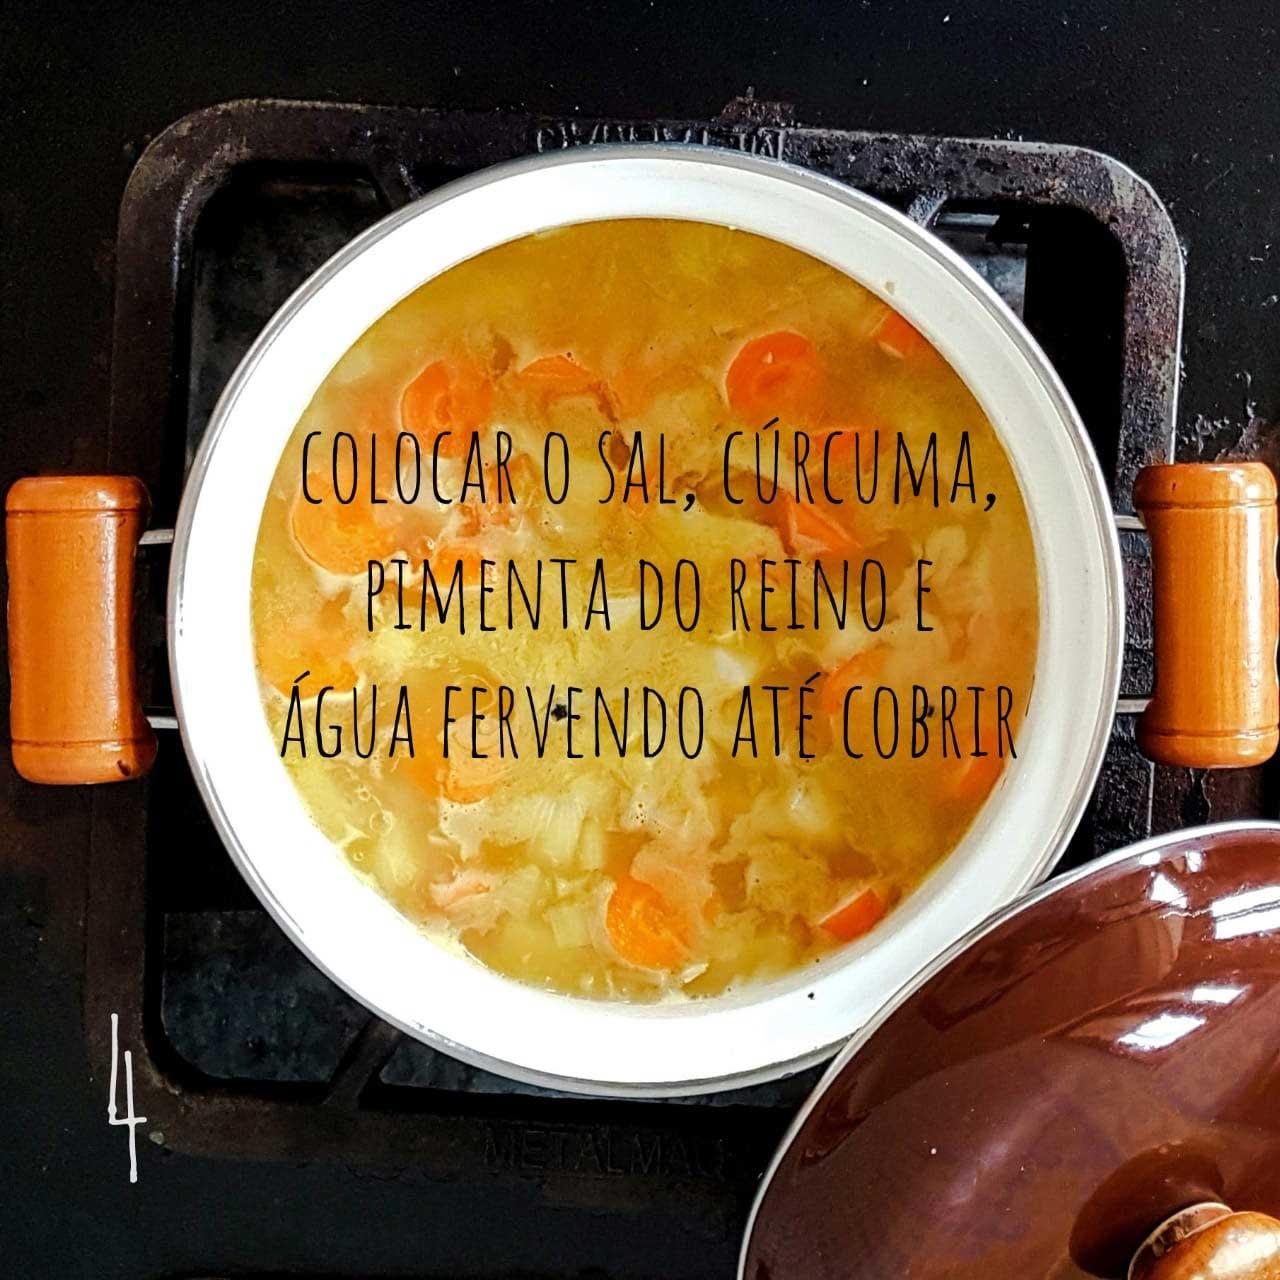 creme-de-inhame-e-cenoura-04